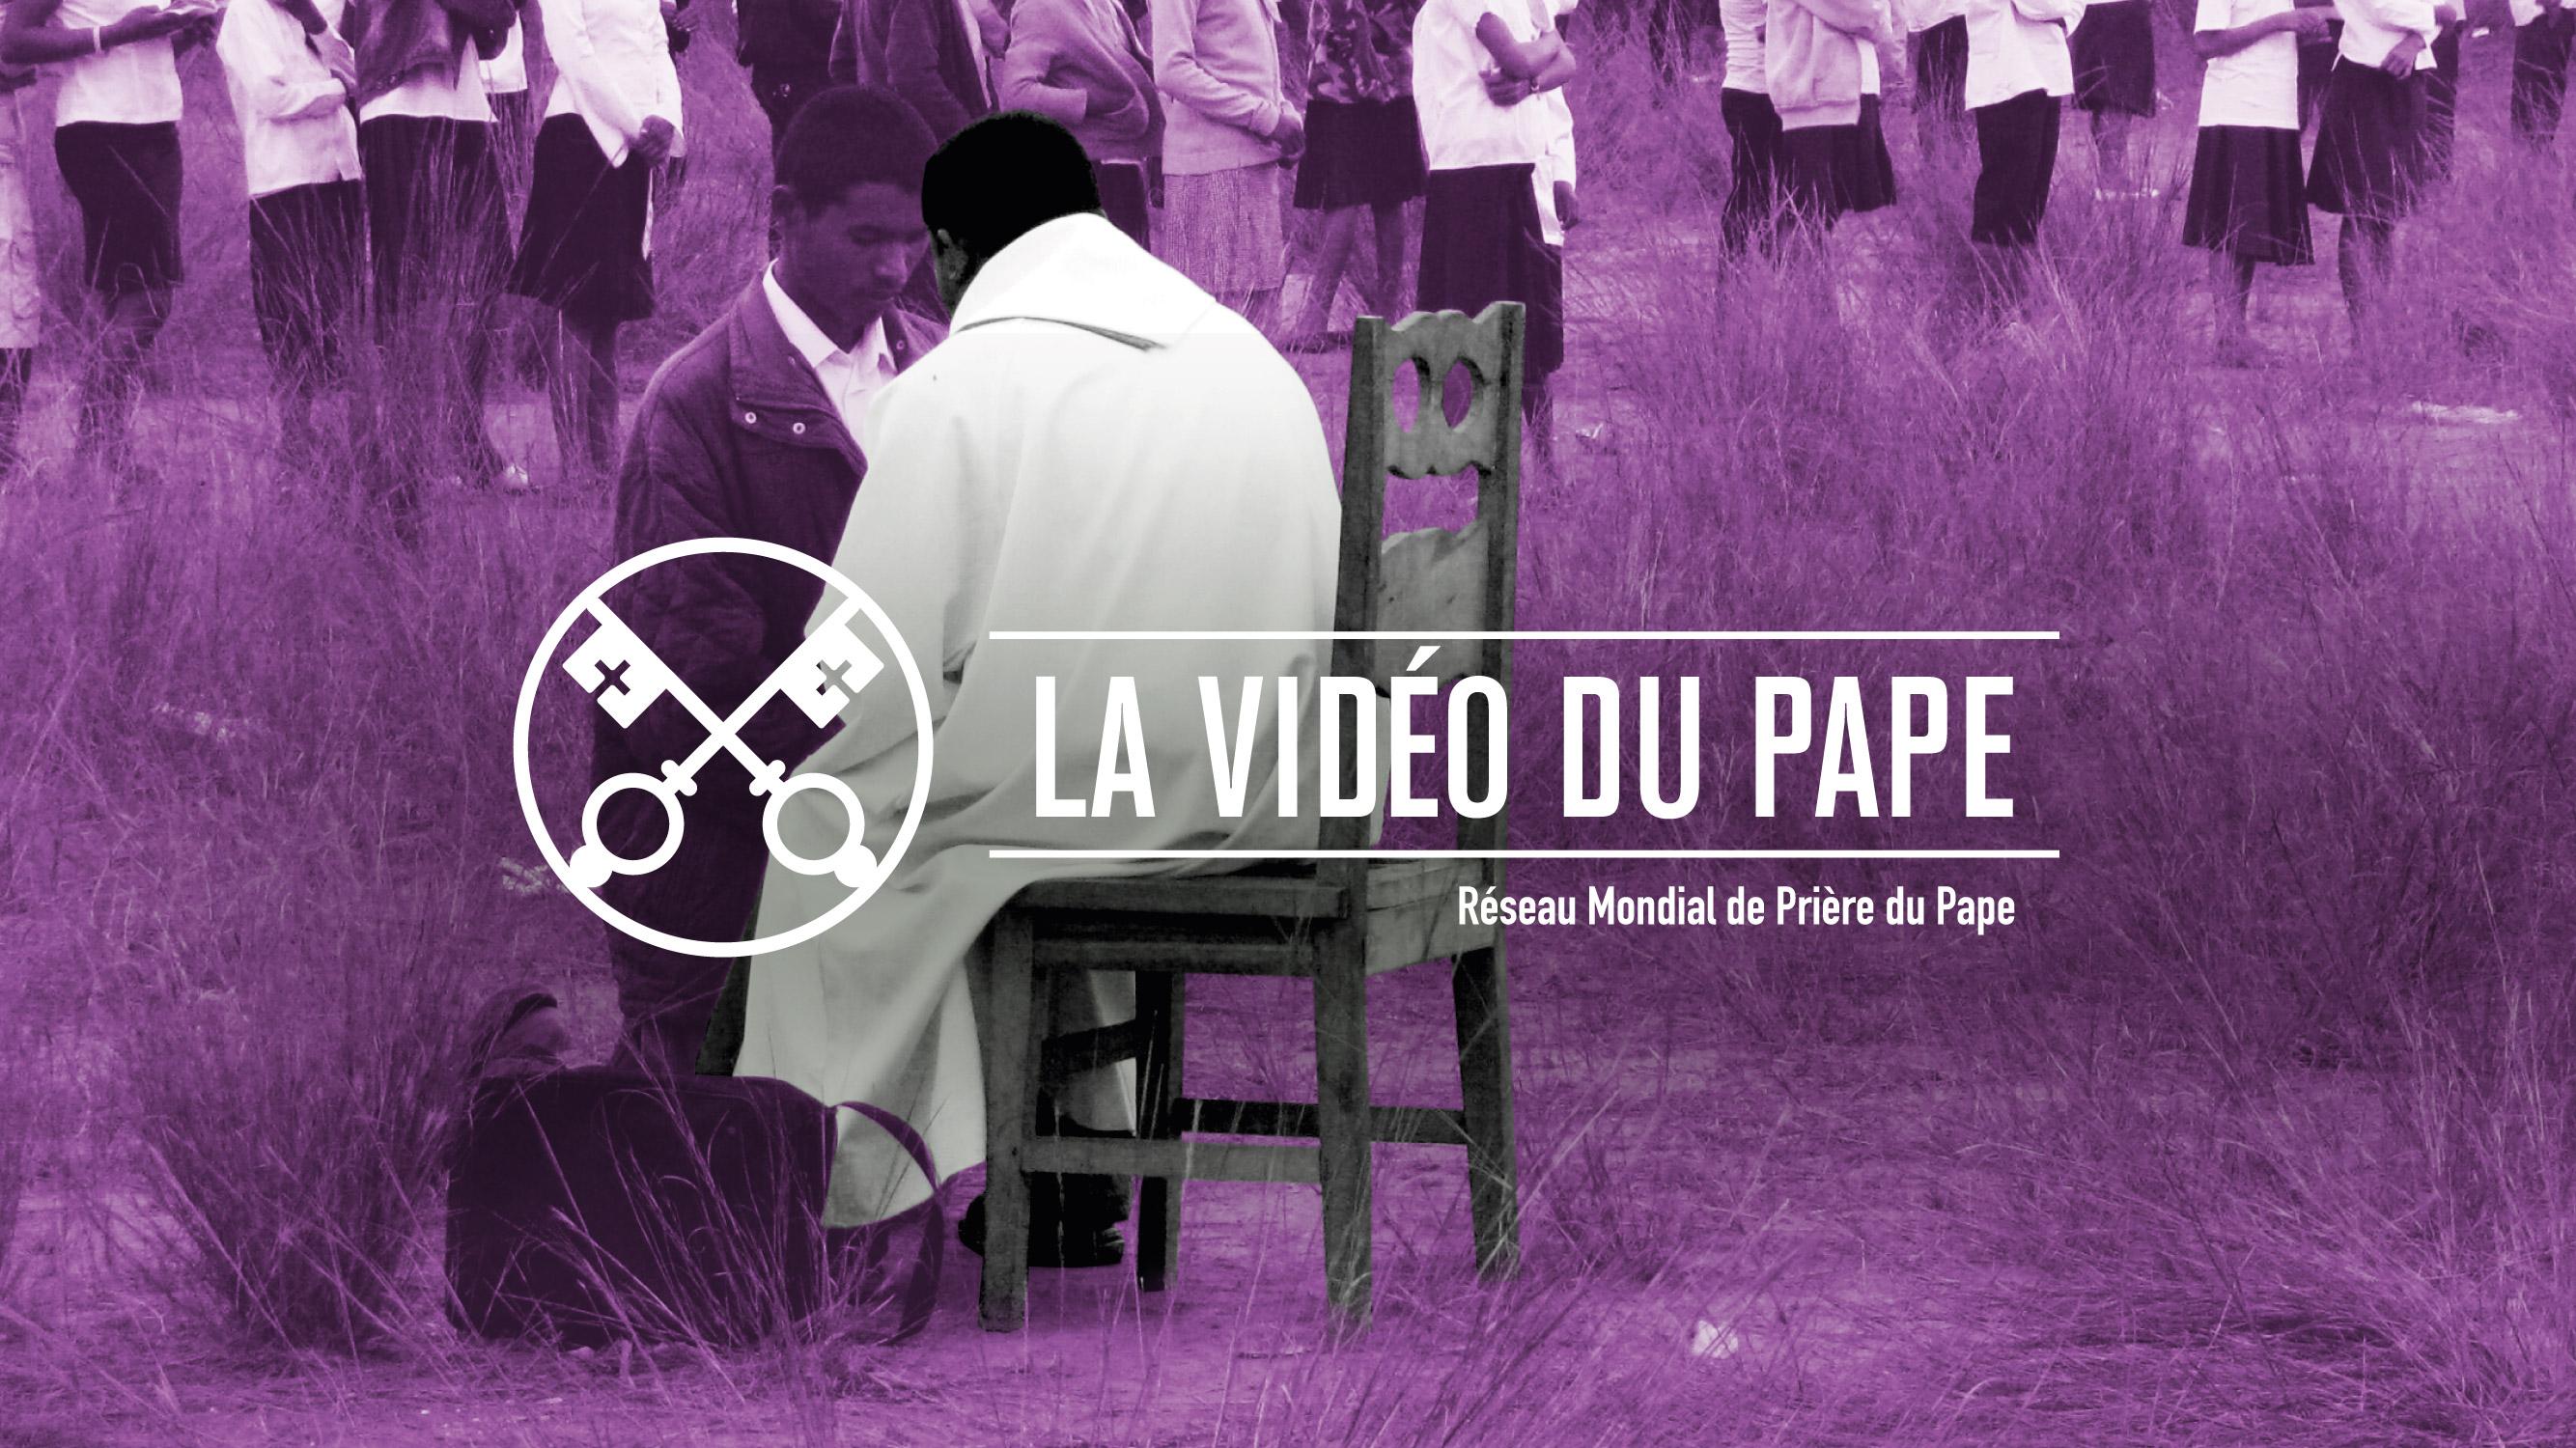 Le Saint Père nous invite à regarder les prêtres qui travaillent dans chacunede nos communautés